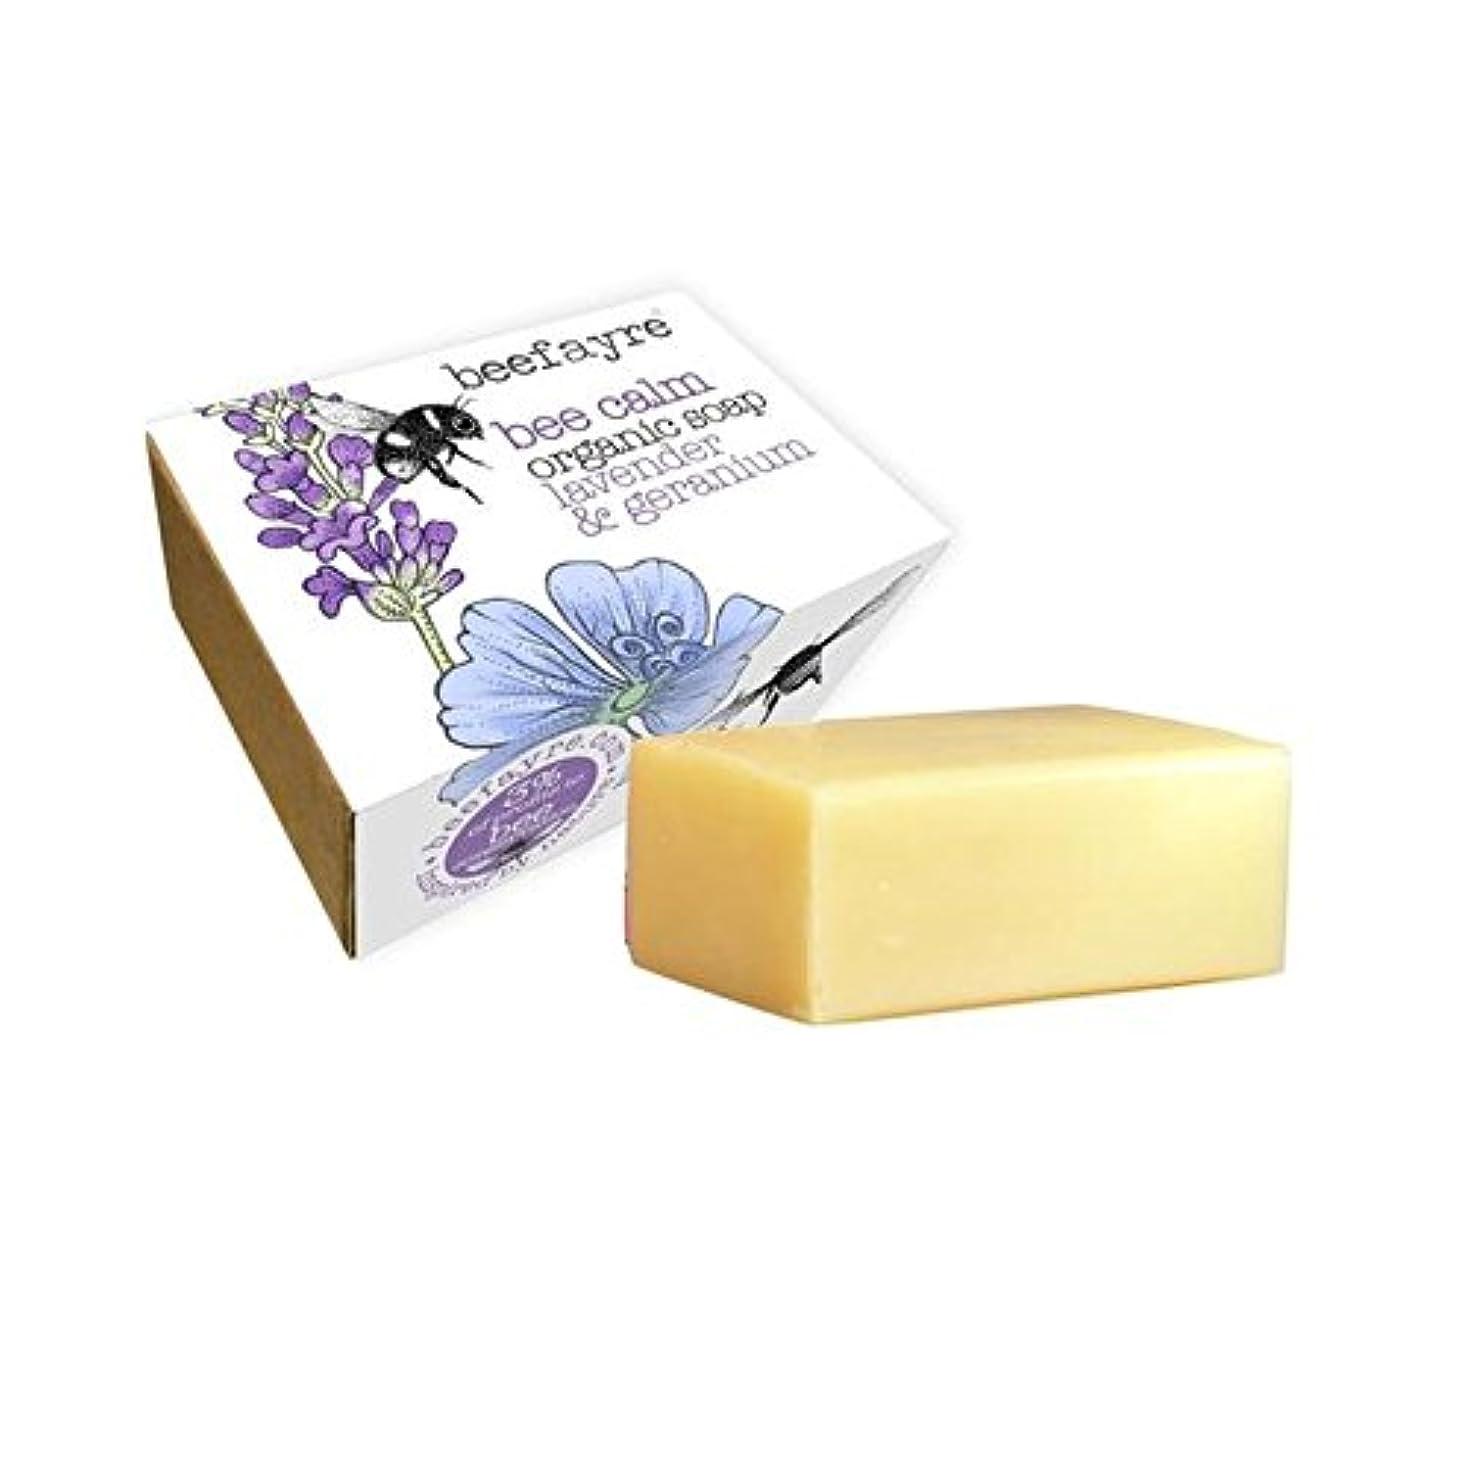 底放映ドメイン有機ゼラニウム&ラベンダー石鹸 x4 - Beefayre Organic Geranium & Lavender Soap (Pack of 4) [並行輸入品]